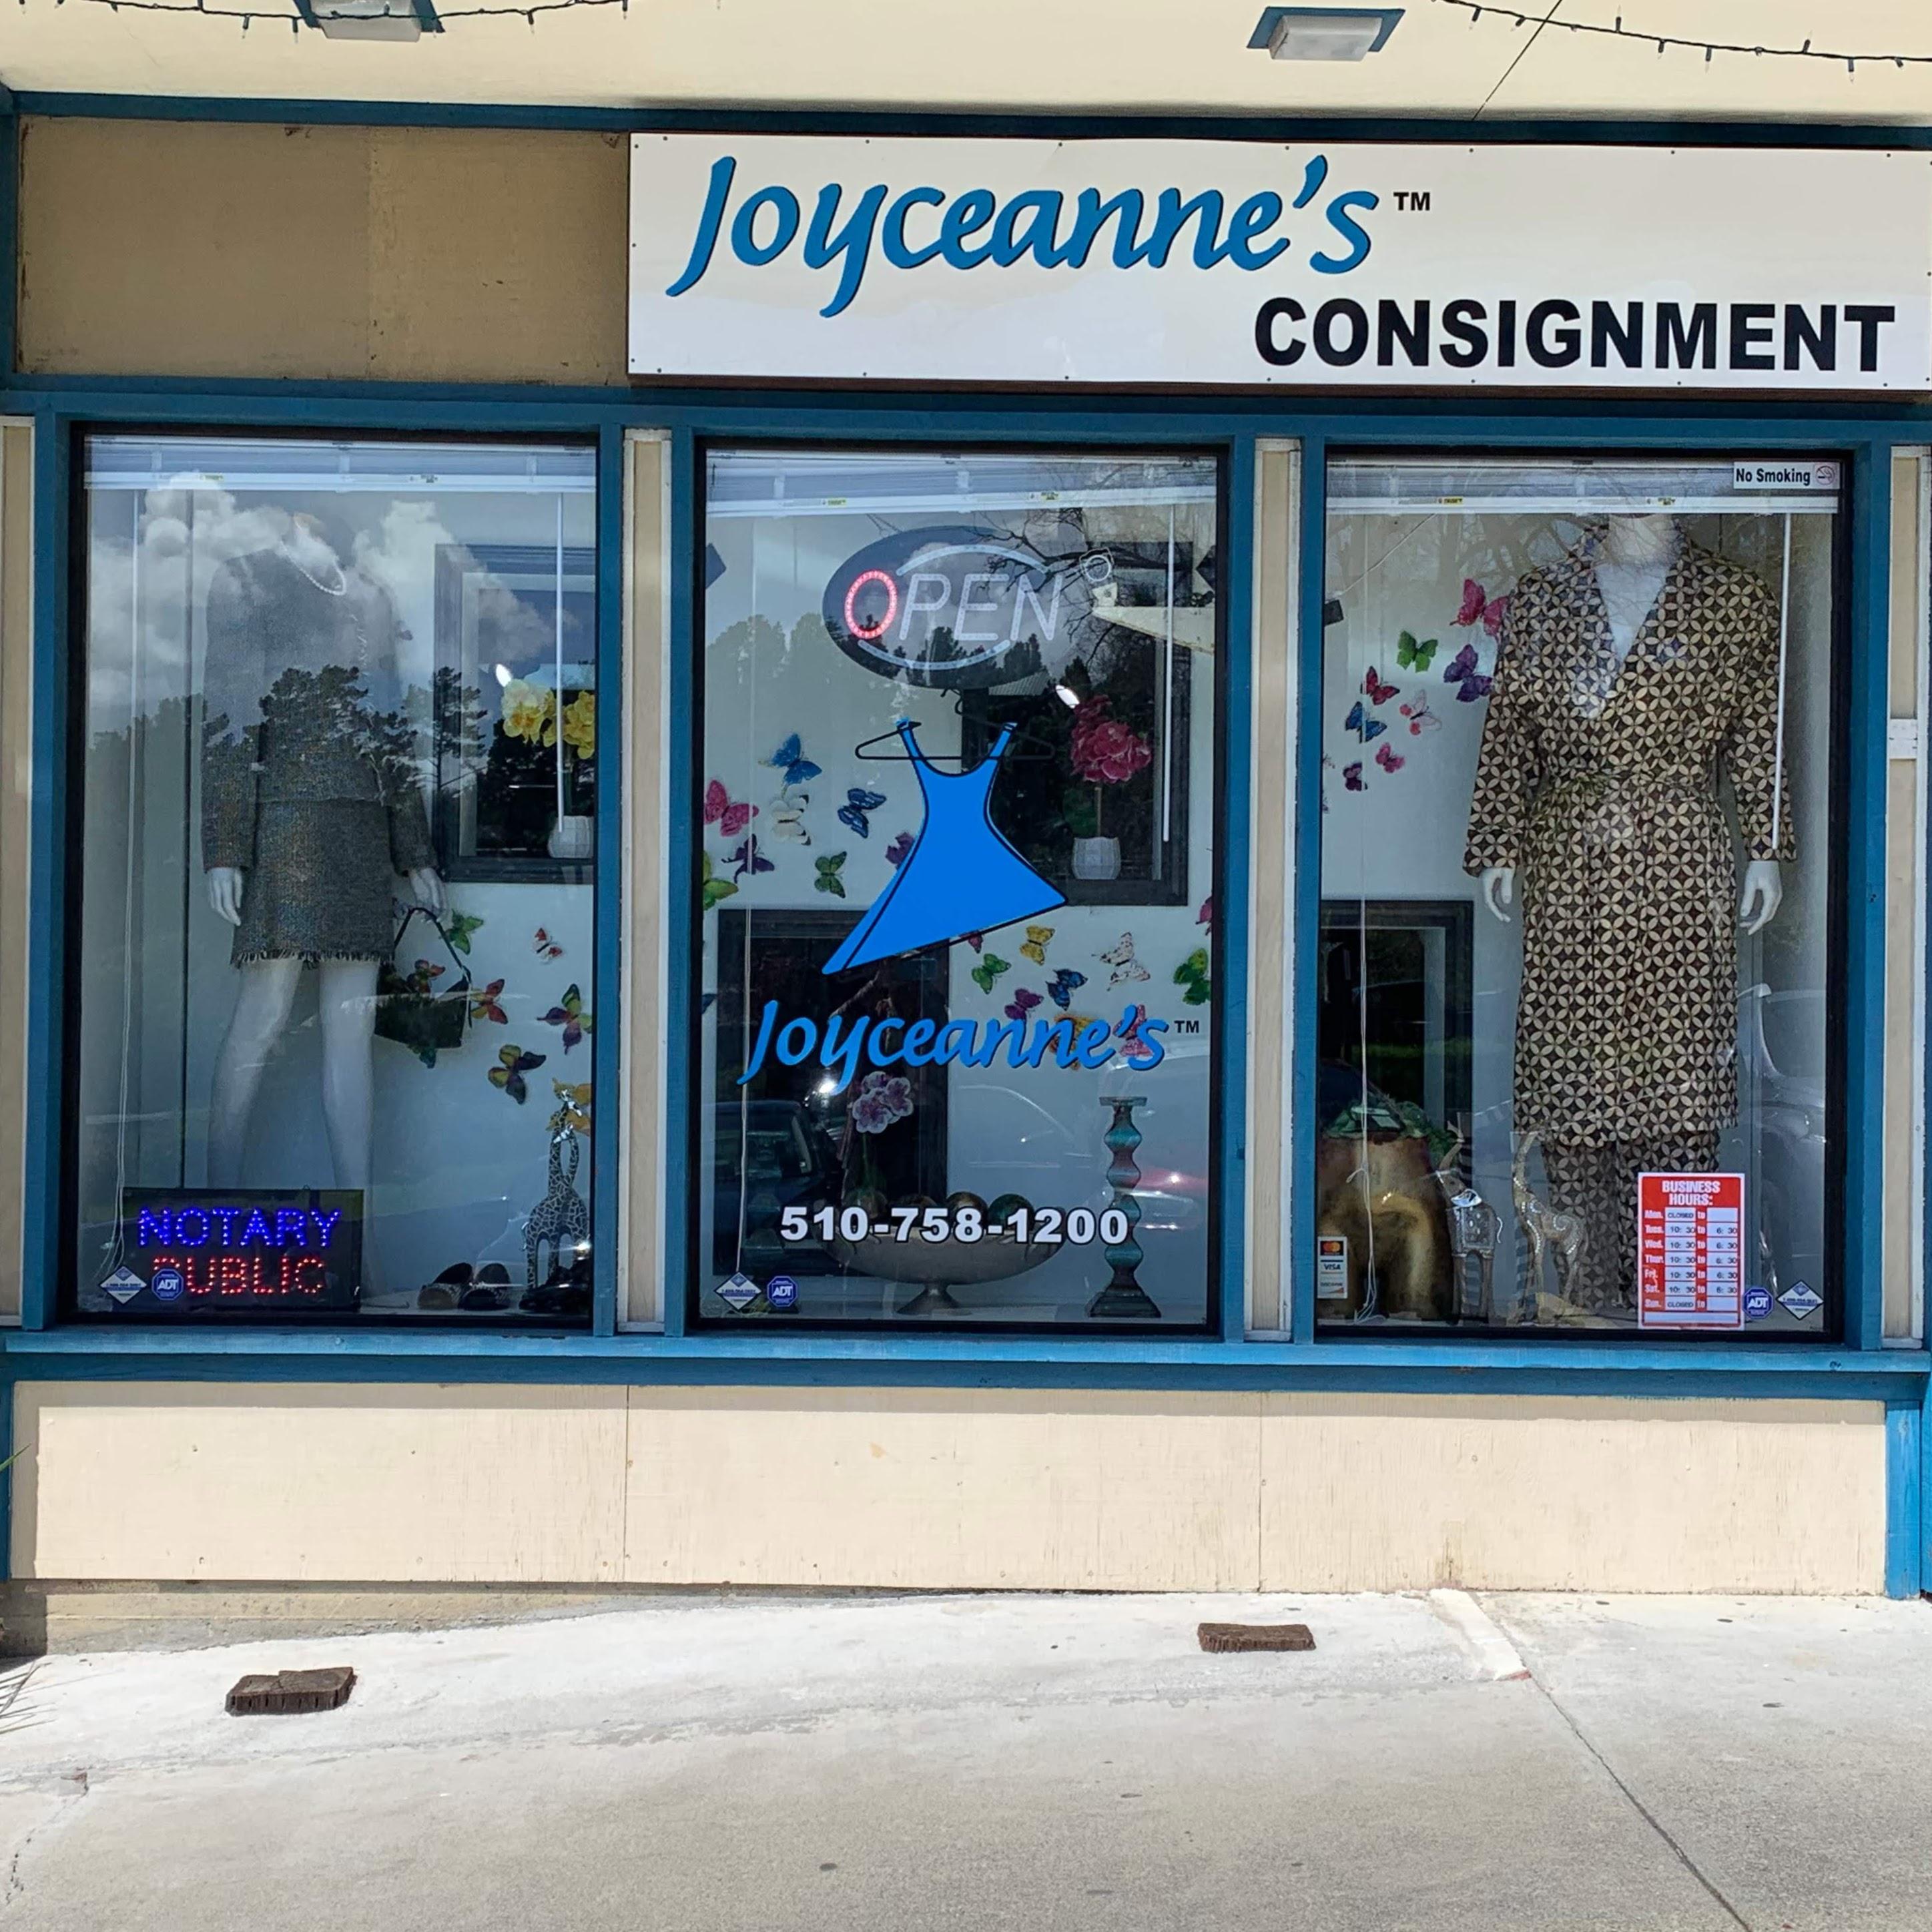 Joyceanne's Consignment